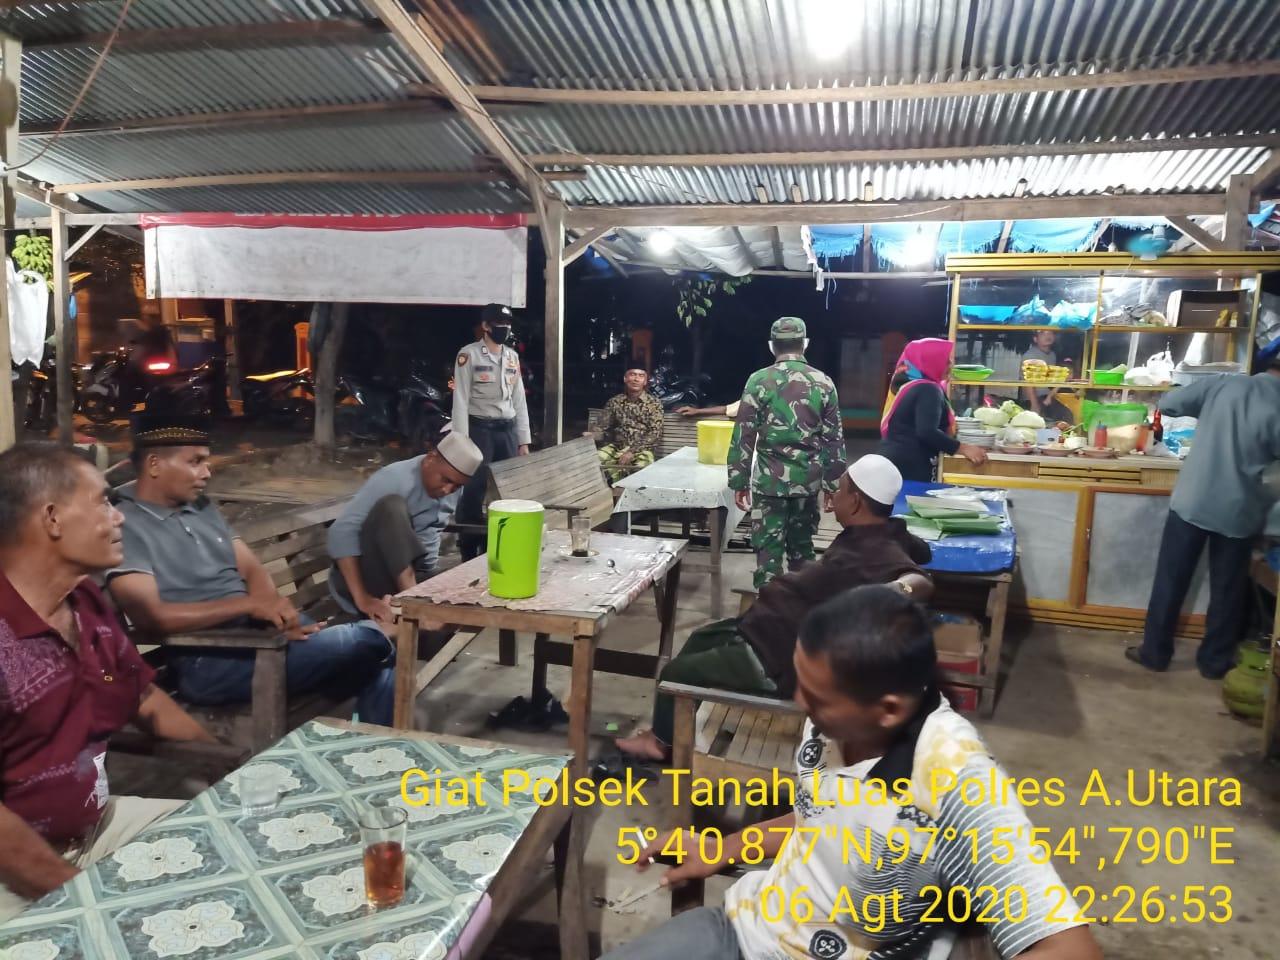 Polres Aceh Utara Ingatkan Masyarakat Tentang Protokol Kesehatan